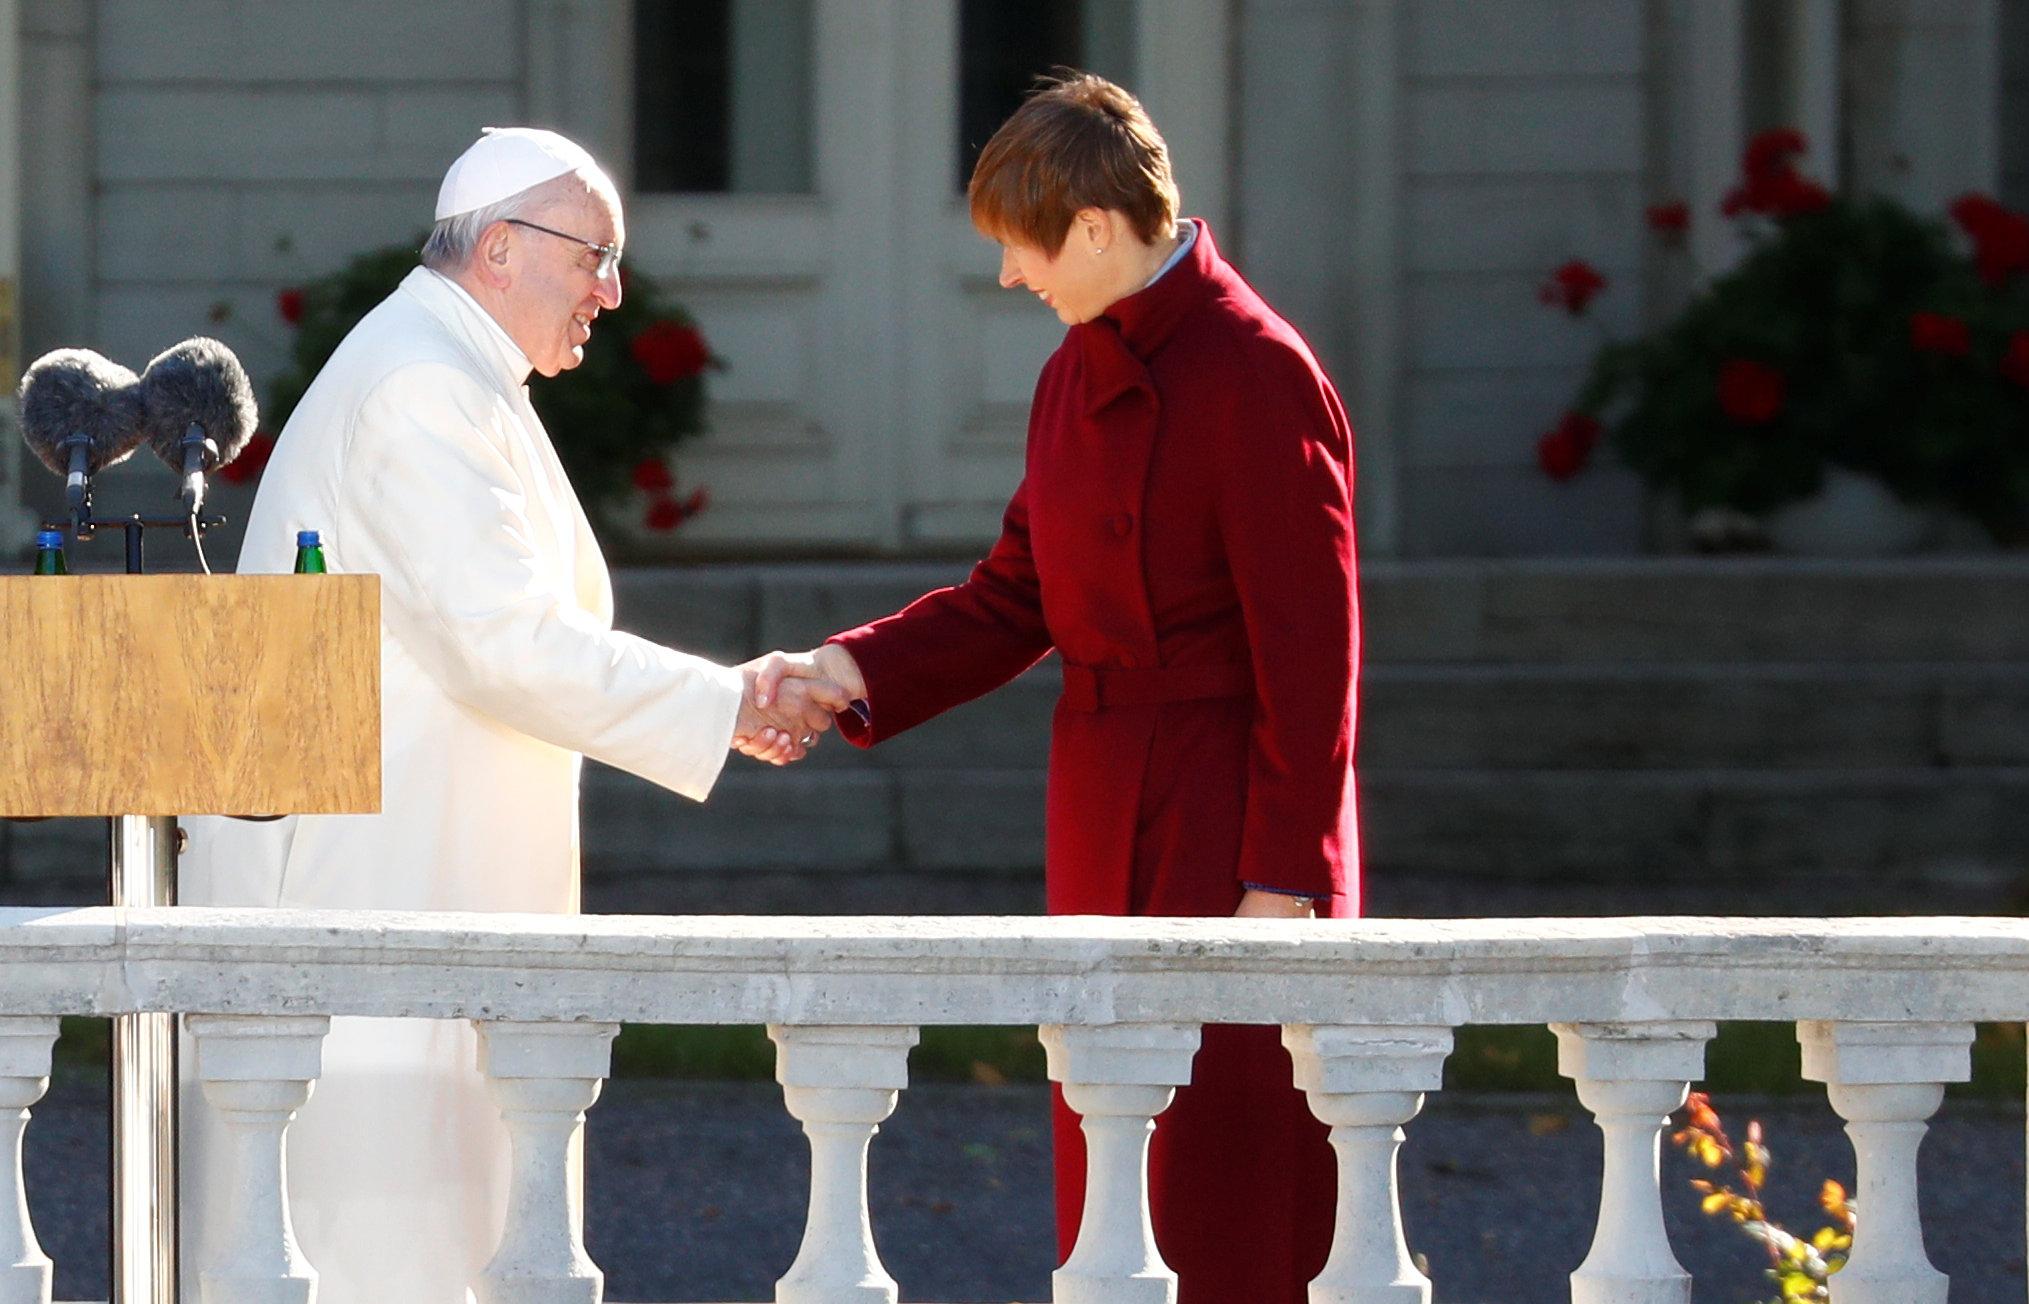 البابا فرنسيس يصافح رئيسة استونيا